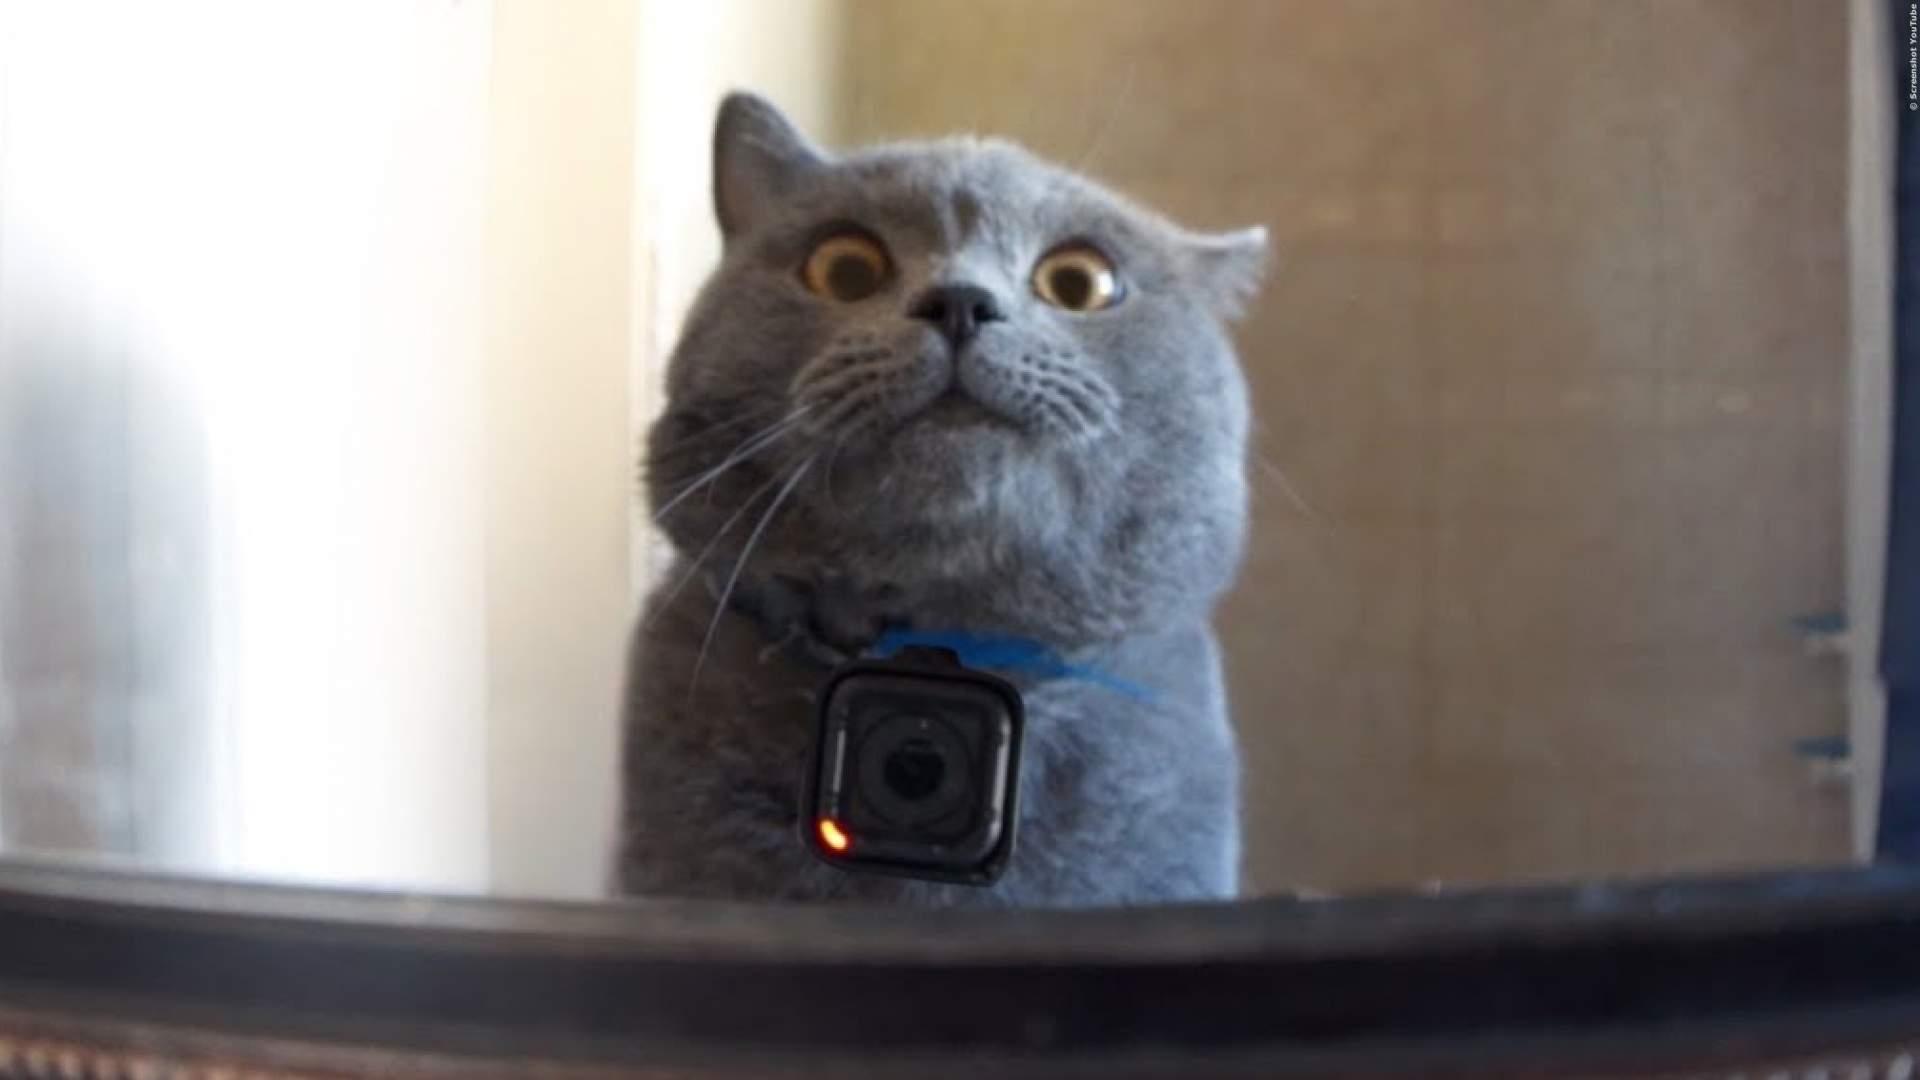 Das tun Katzen, wenn sie alleine sind - Katze mit Go-Pro-Kamera   Video